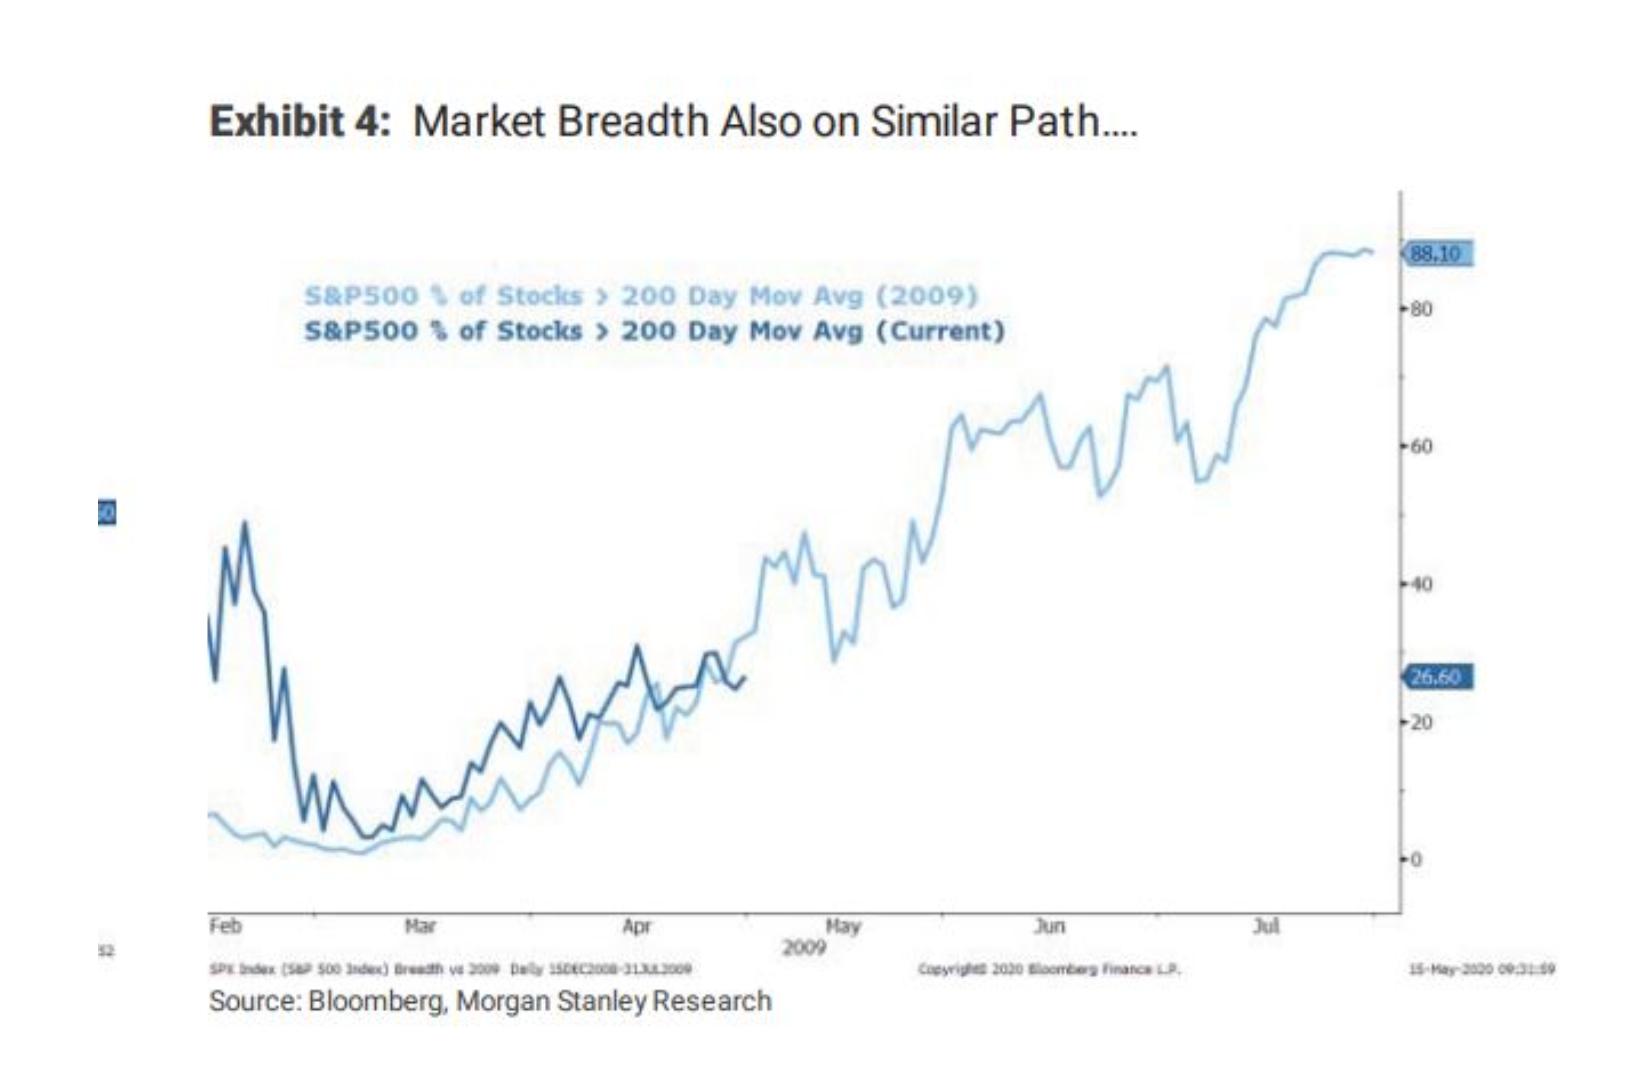 大摩:美股新一轮牛市似在招手 与2009年3月复苏伊始颇像